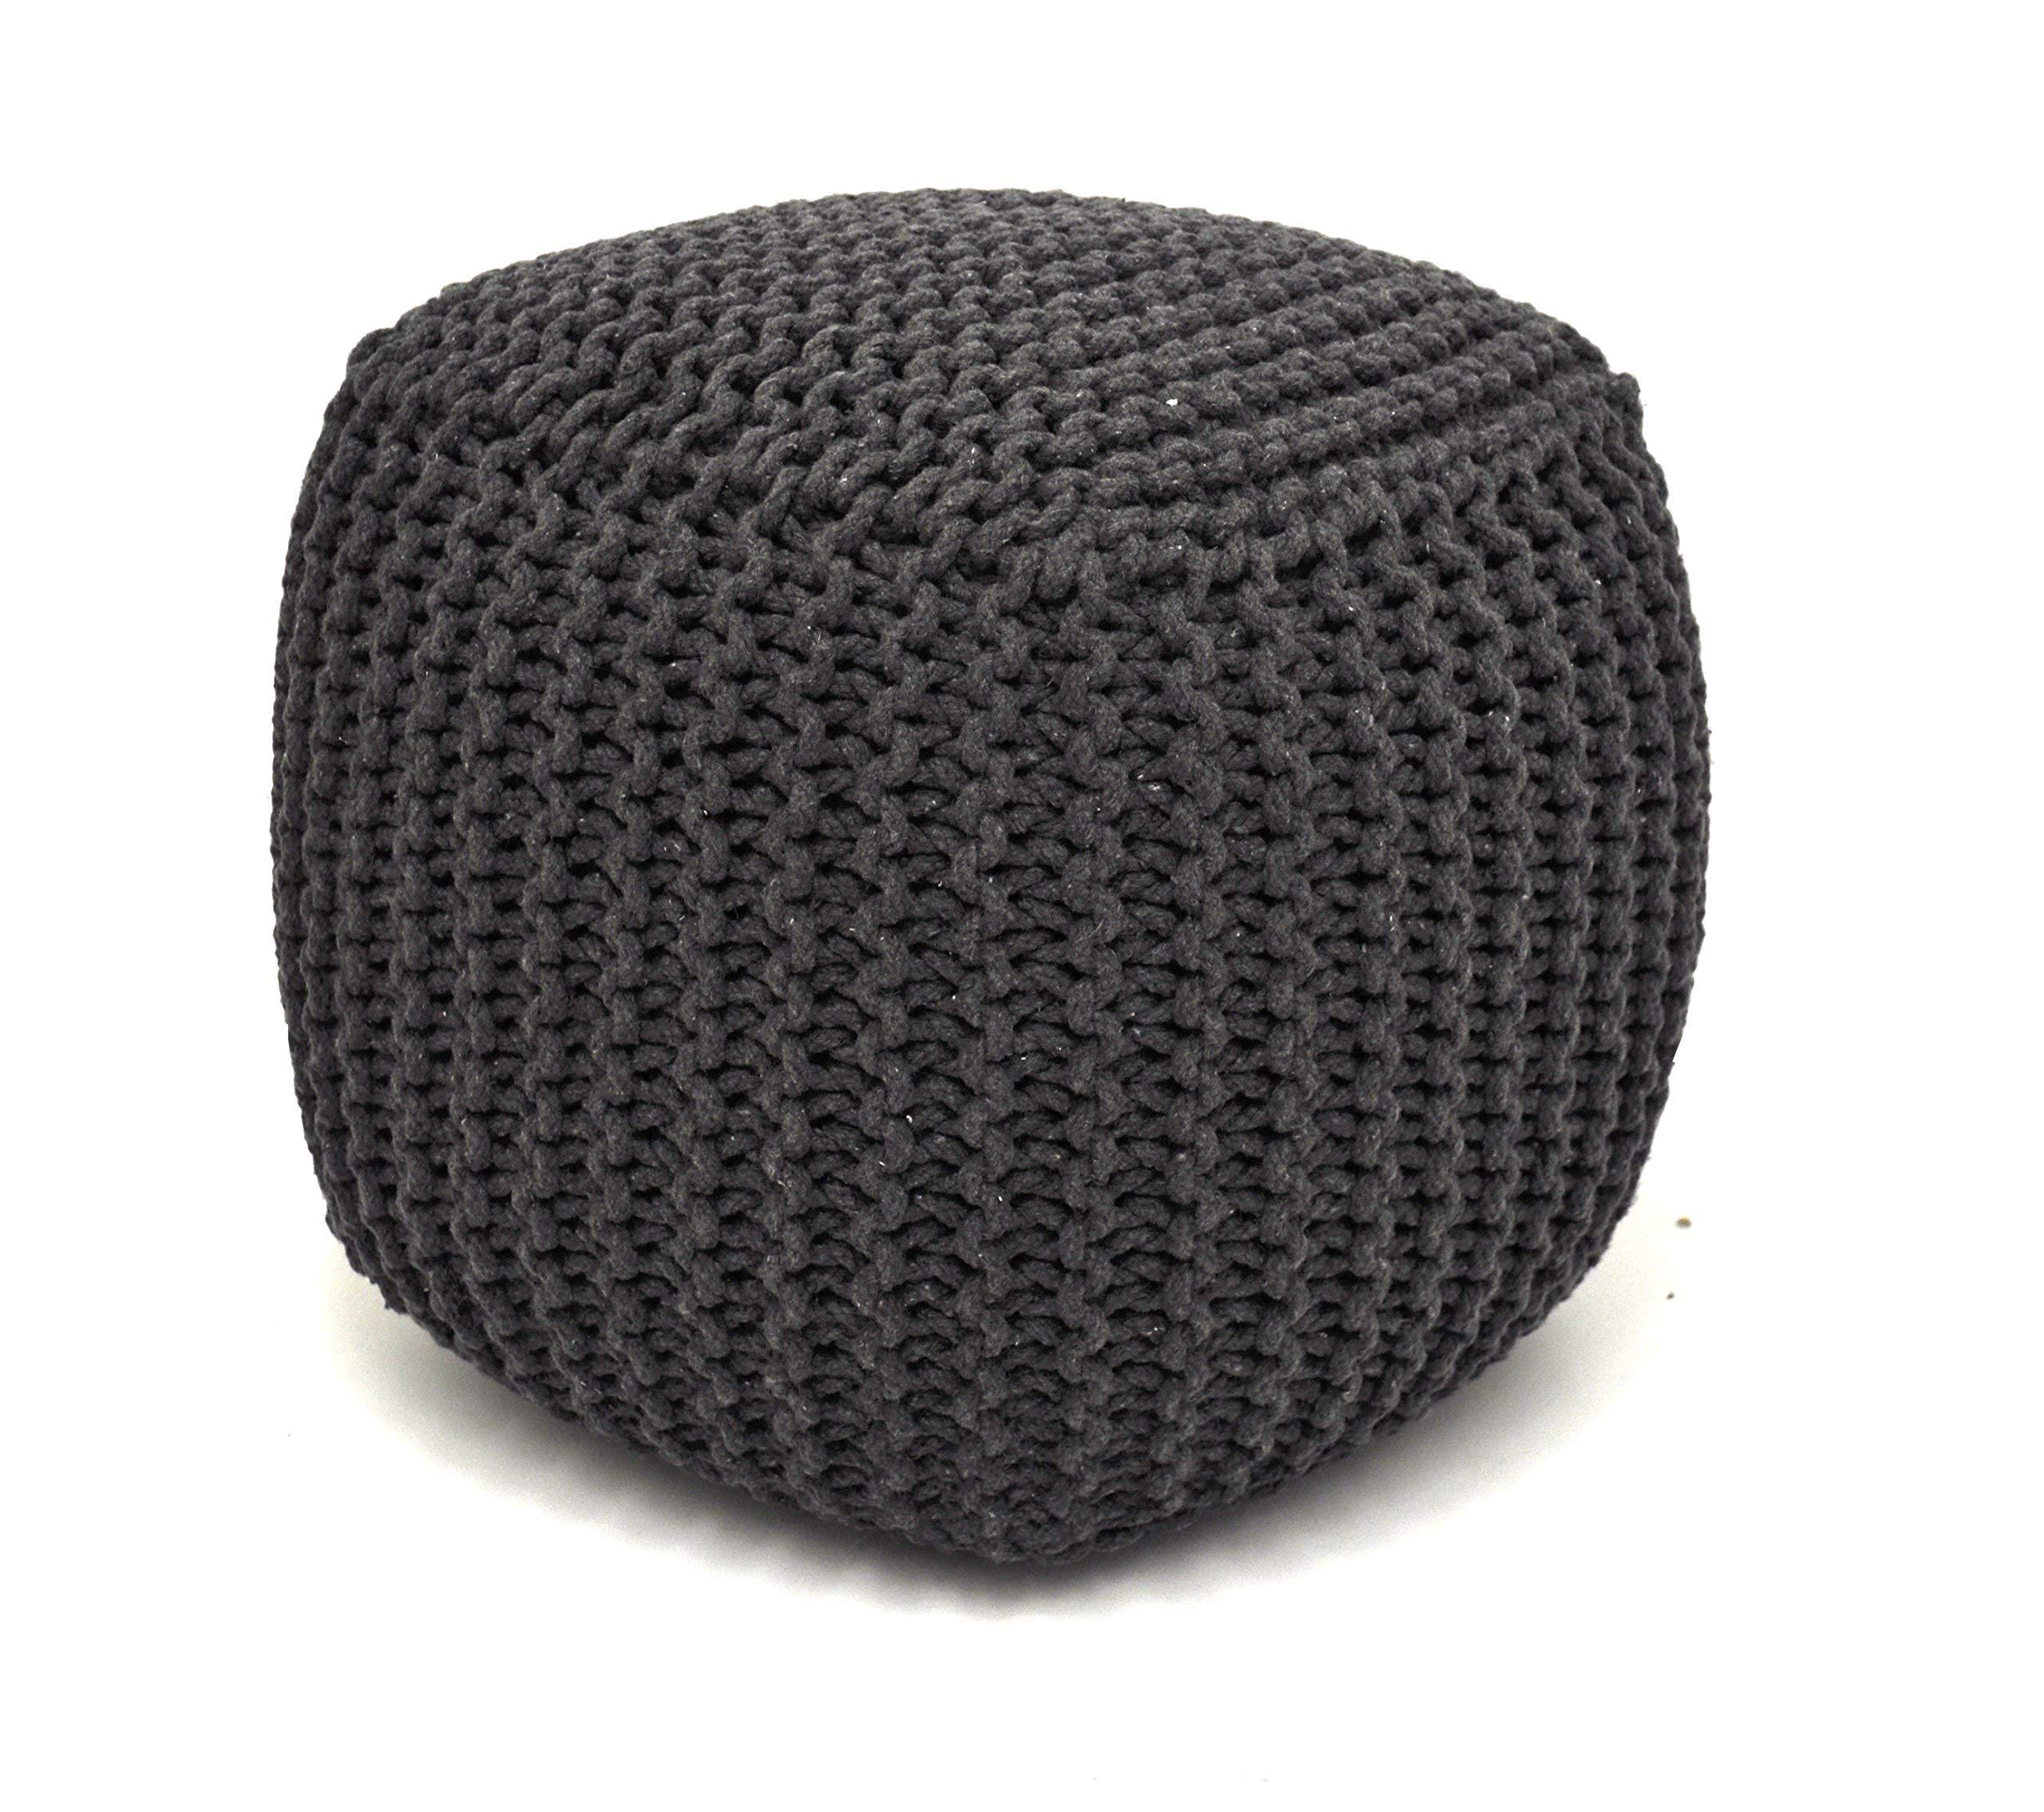 Urban Shop Square Knit Pouf, Grey by Urban Shop